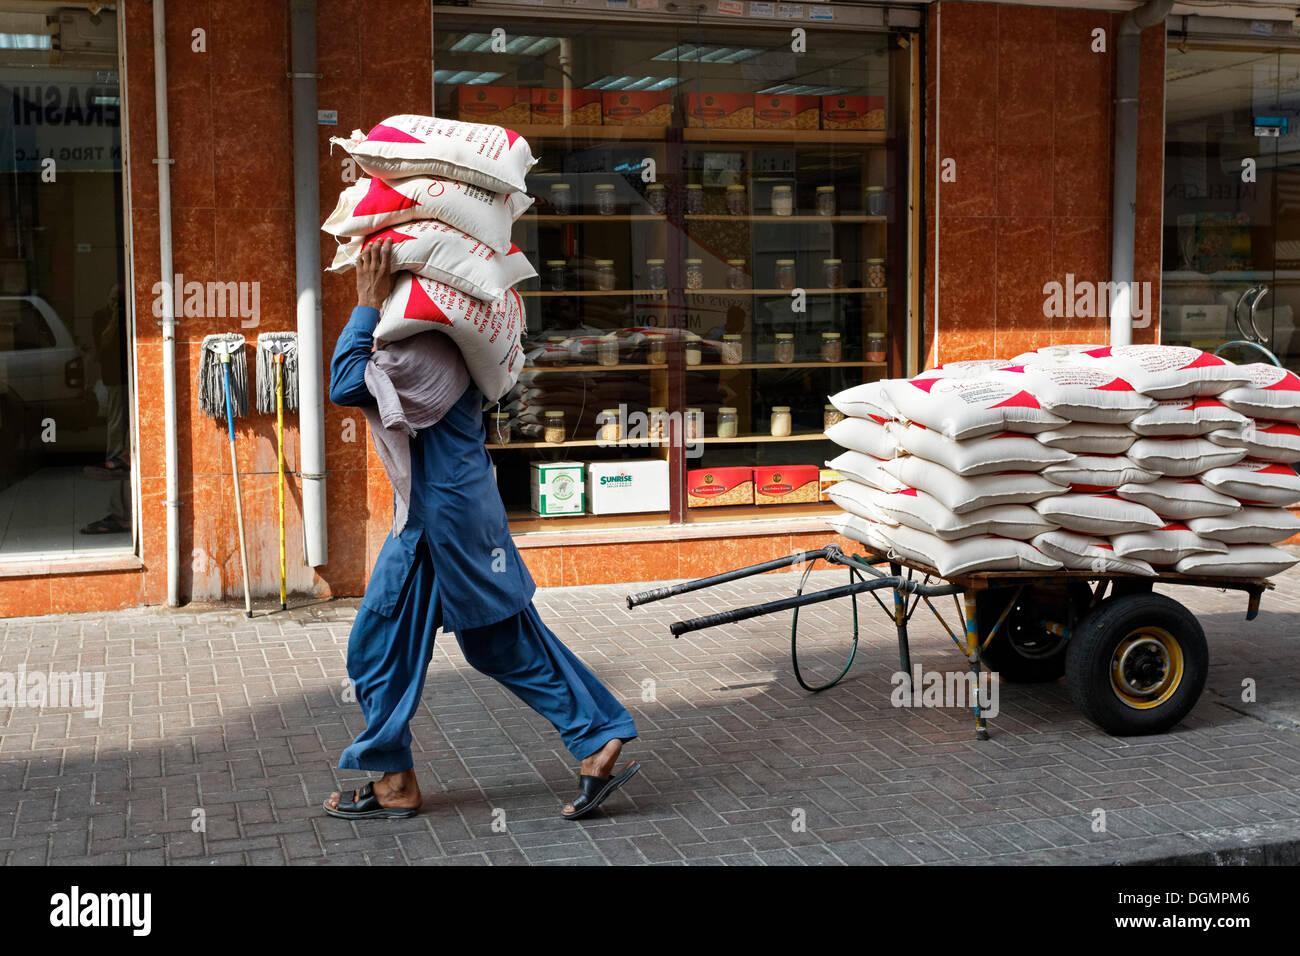 Lavoratore trasportare sacchi di lenticchie sulla sua spalla, Deira, Vecchio Souk di Dubai, Emirati Arabi Uniti, Medio Oriente Immagini Stock